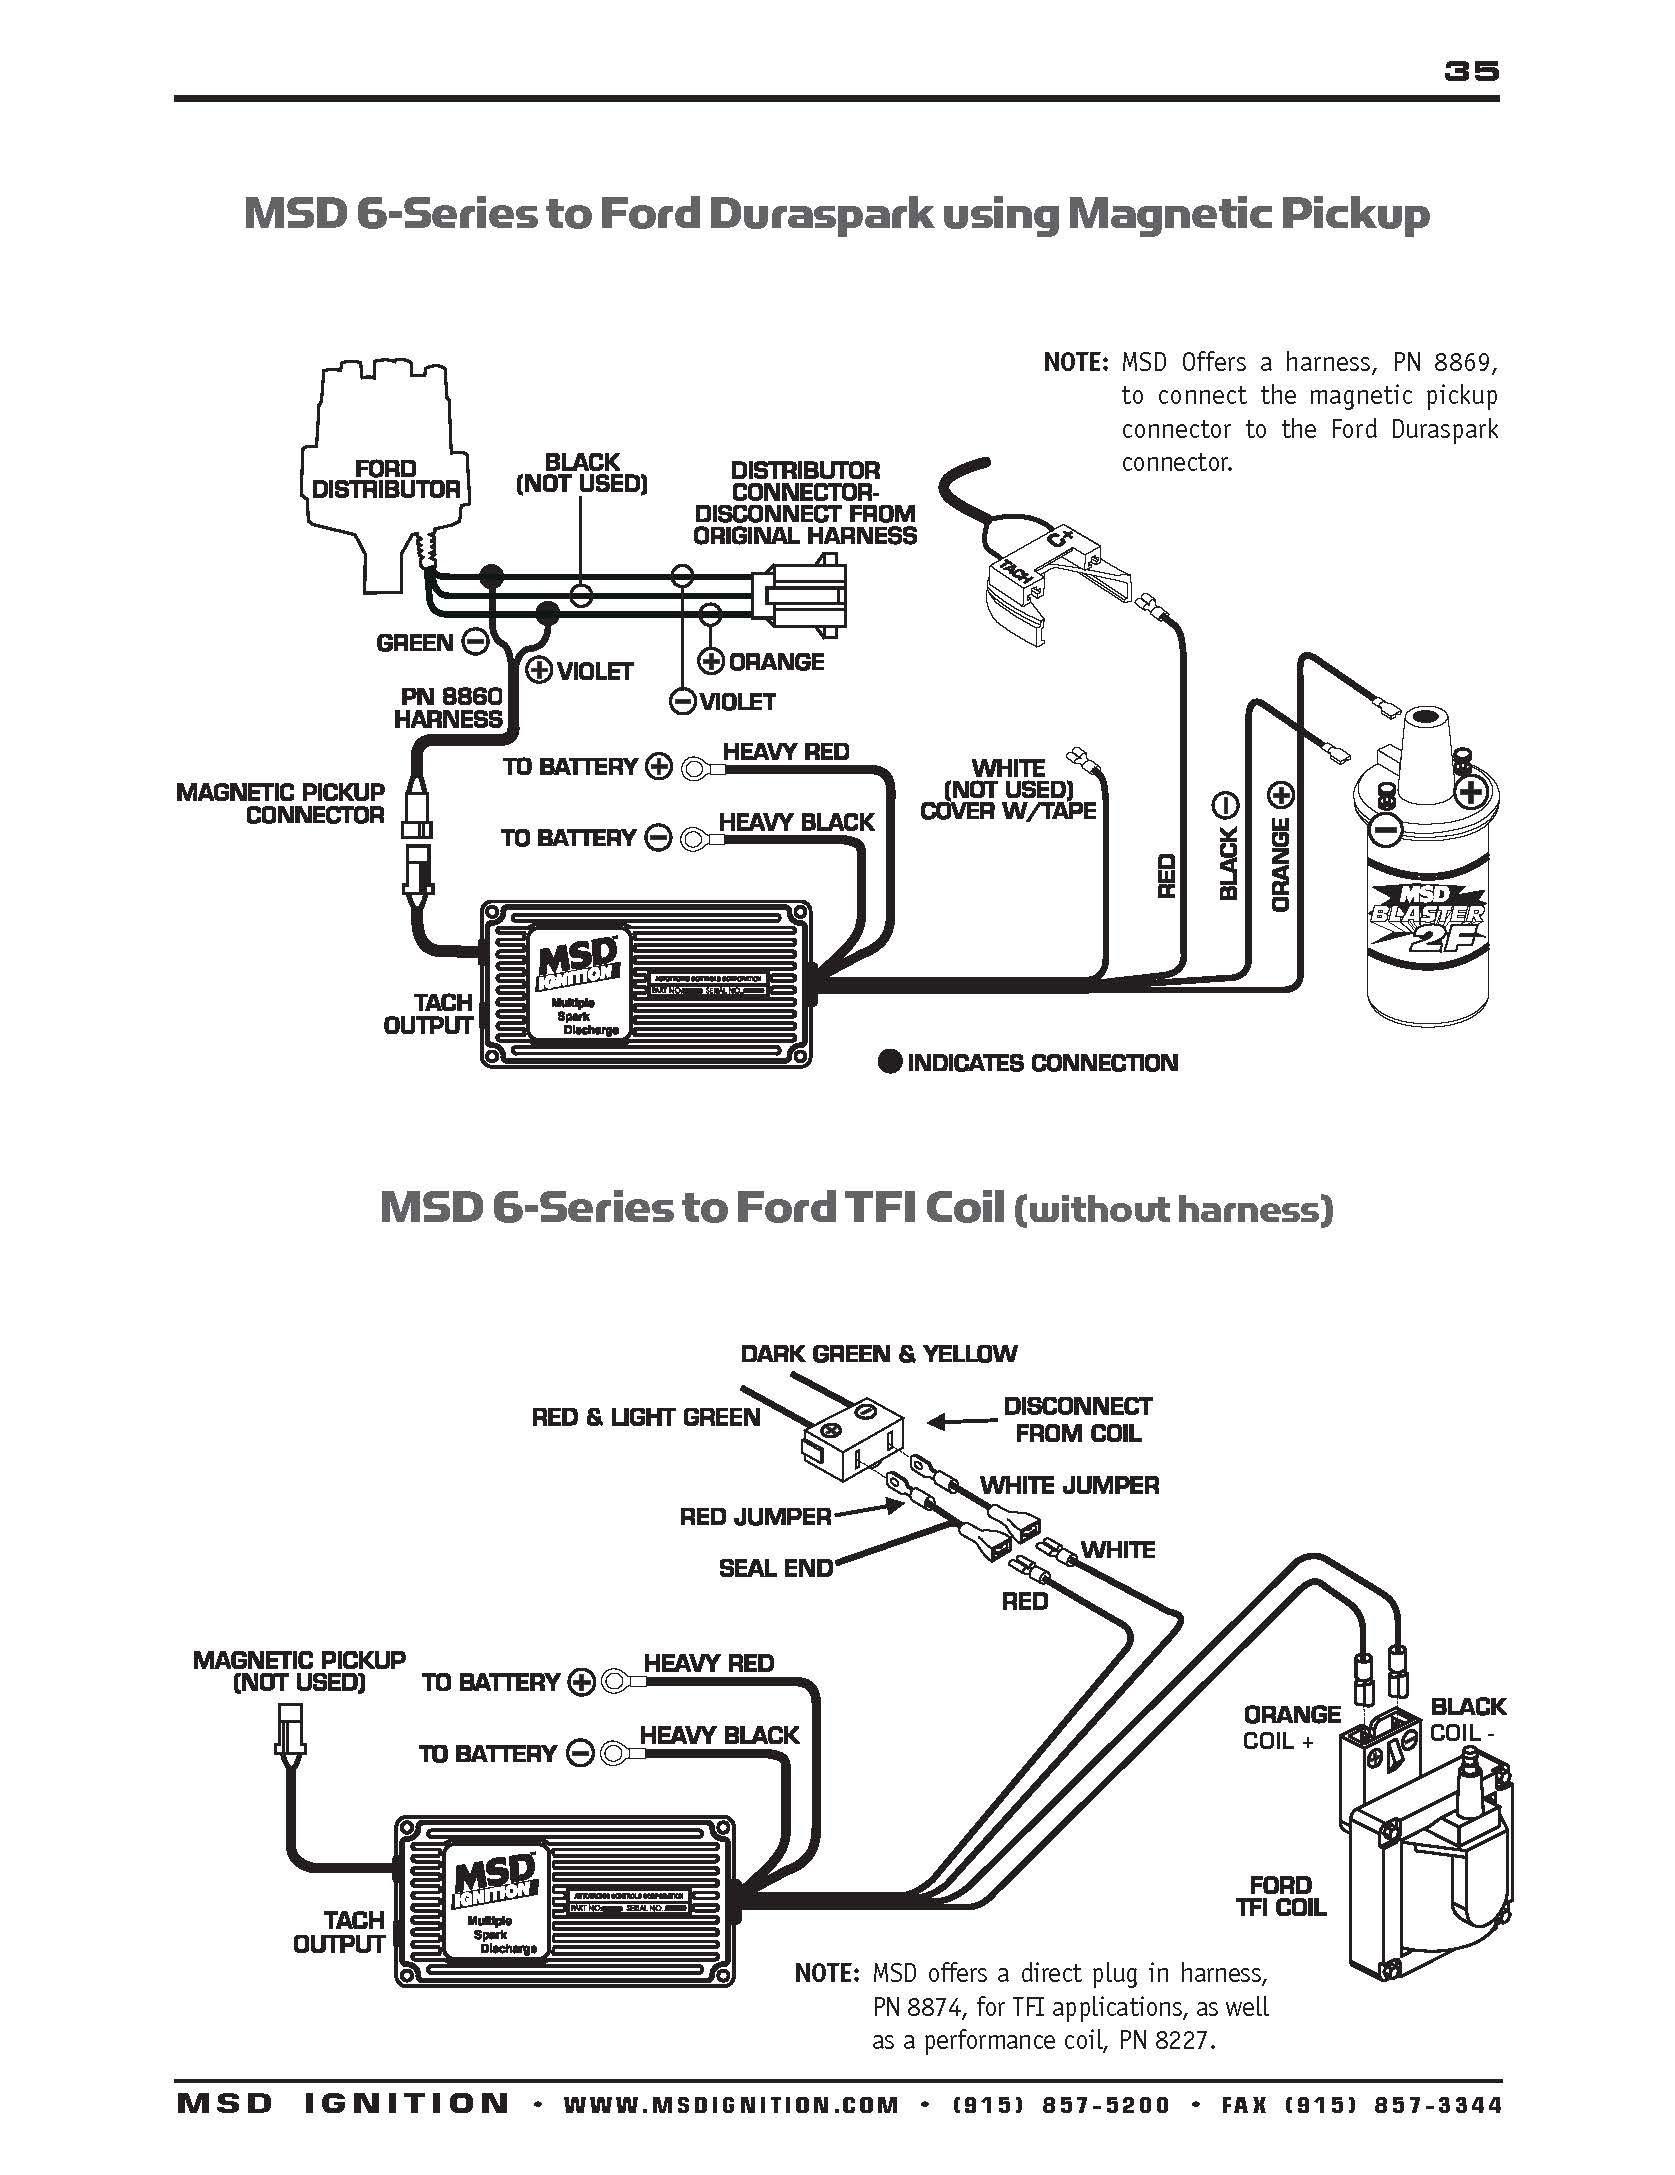 Duraspark 2 Wiring Diagram Beautiful ford Msd 6al Wiring Diagram Wiring Diagram Best Duraspark